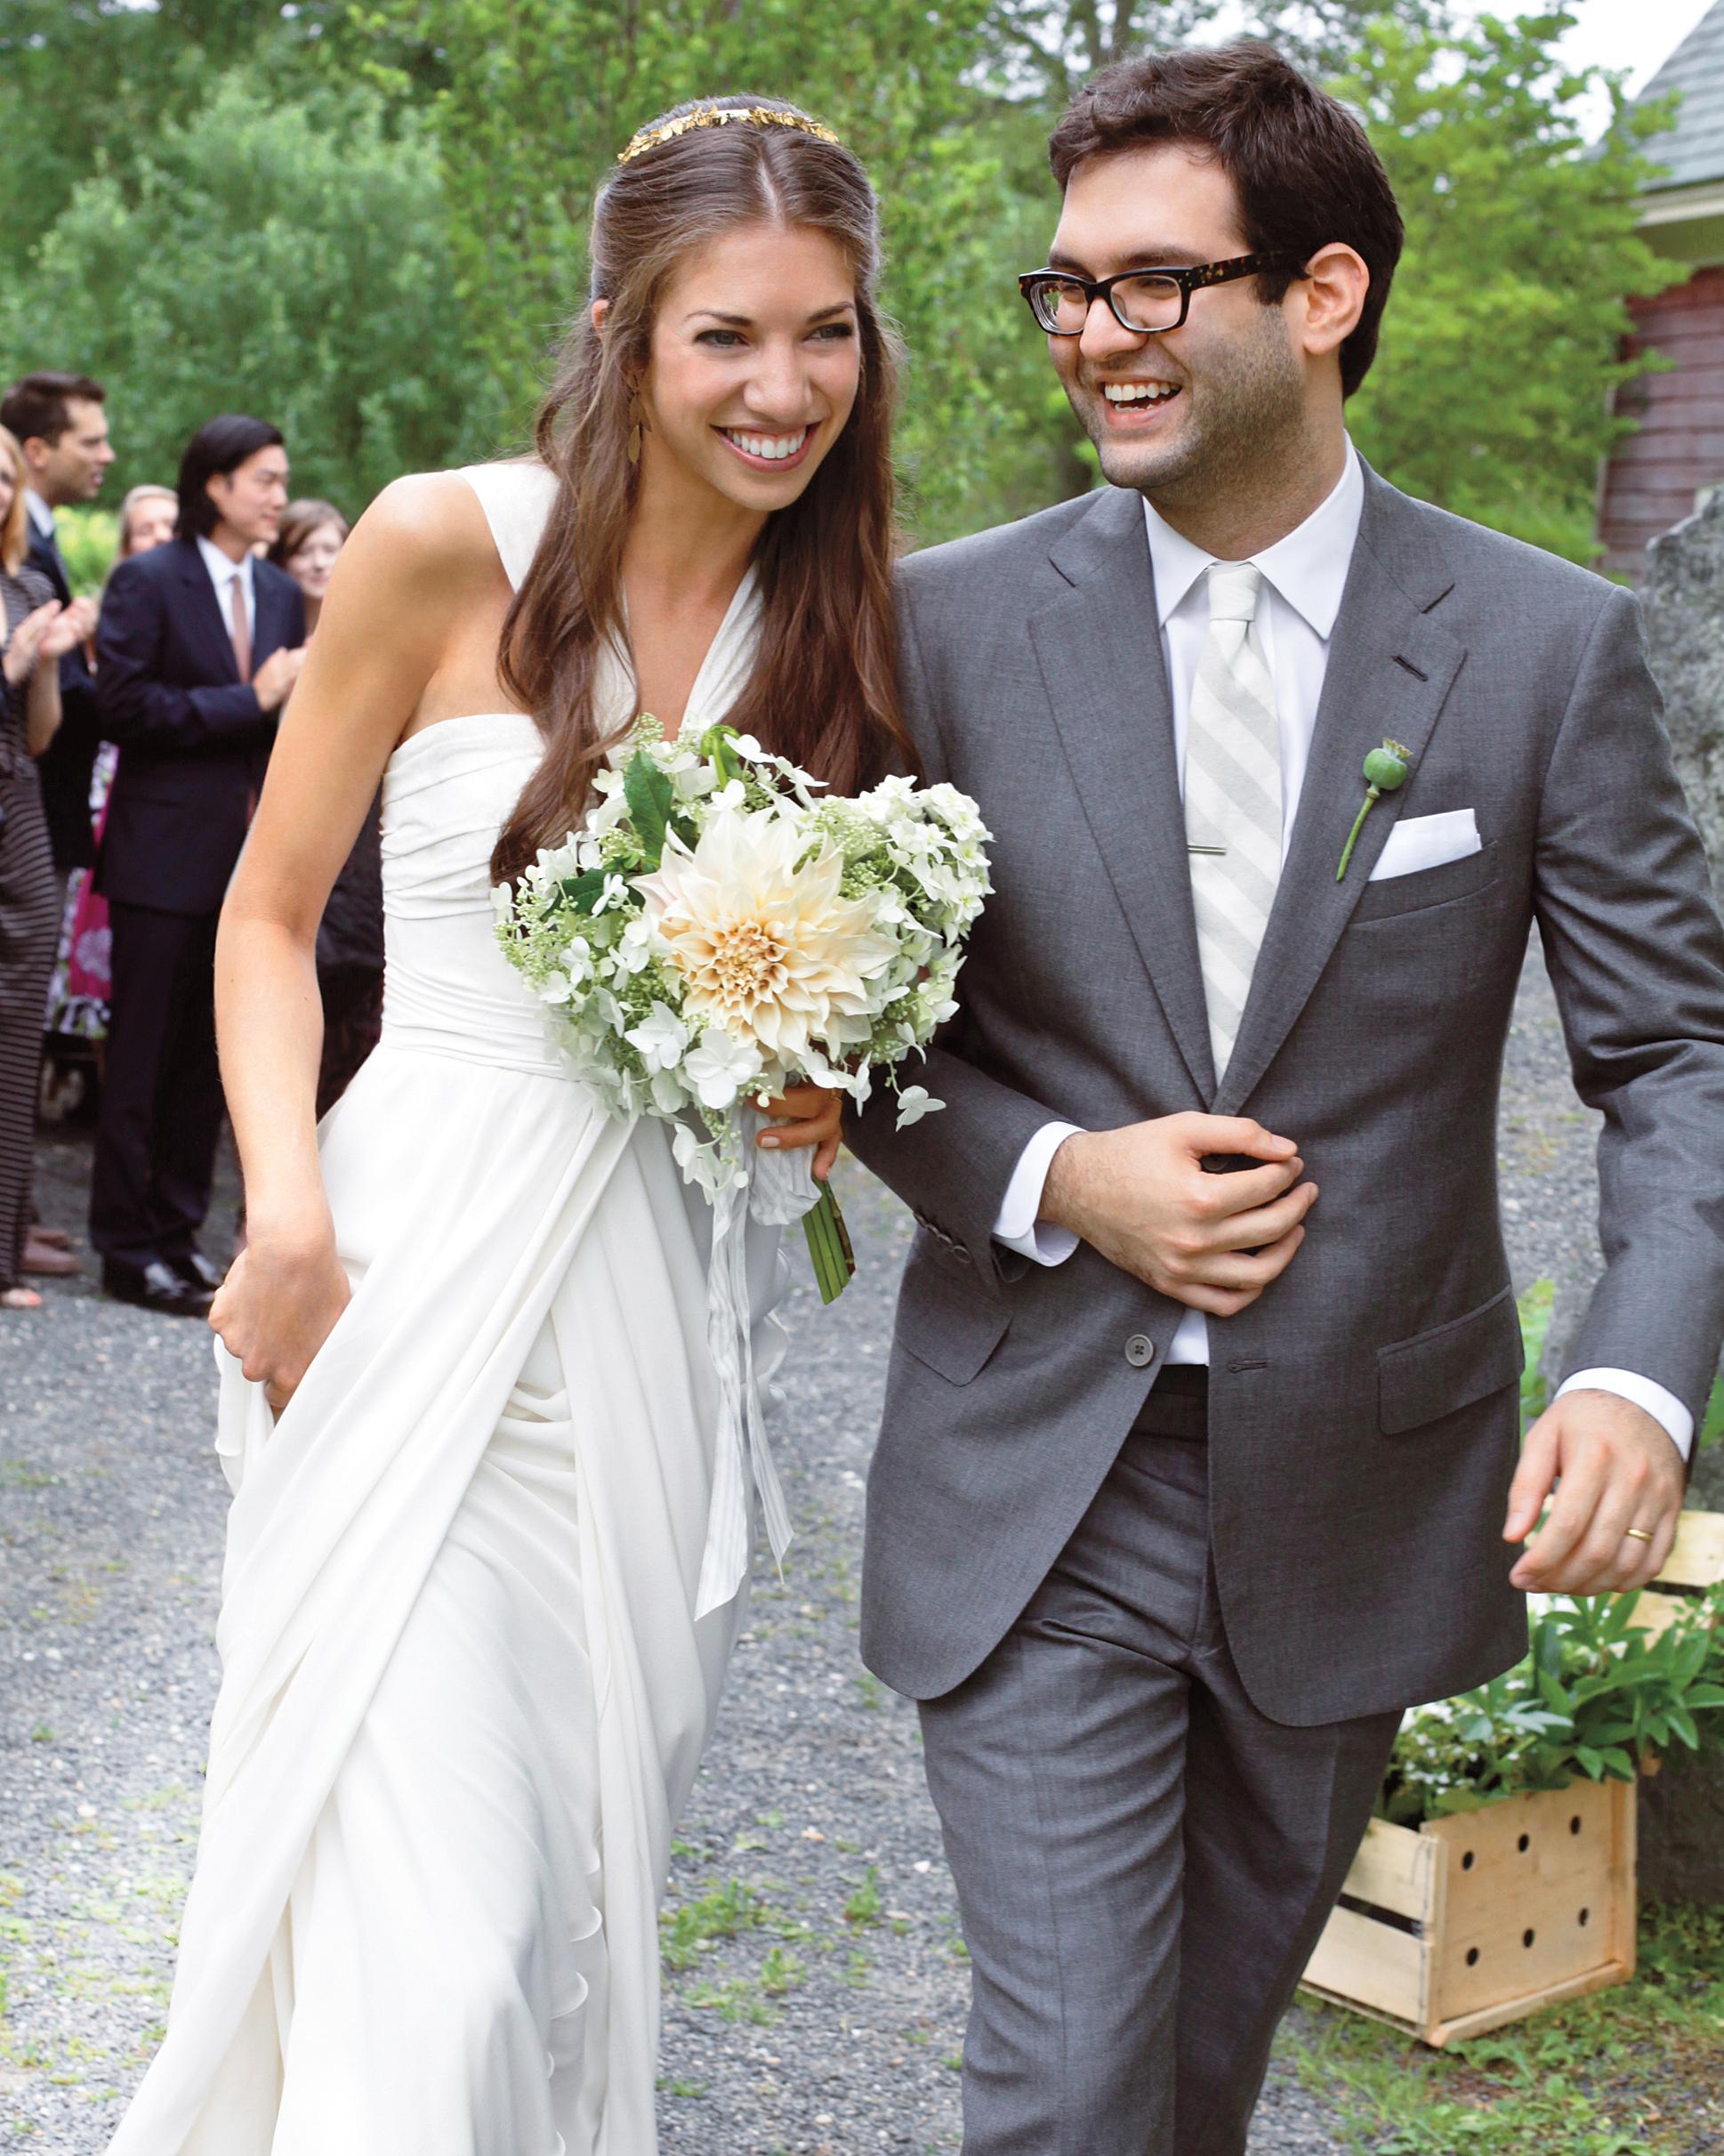 bride-groom-0811mwd106246.jpg